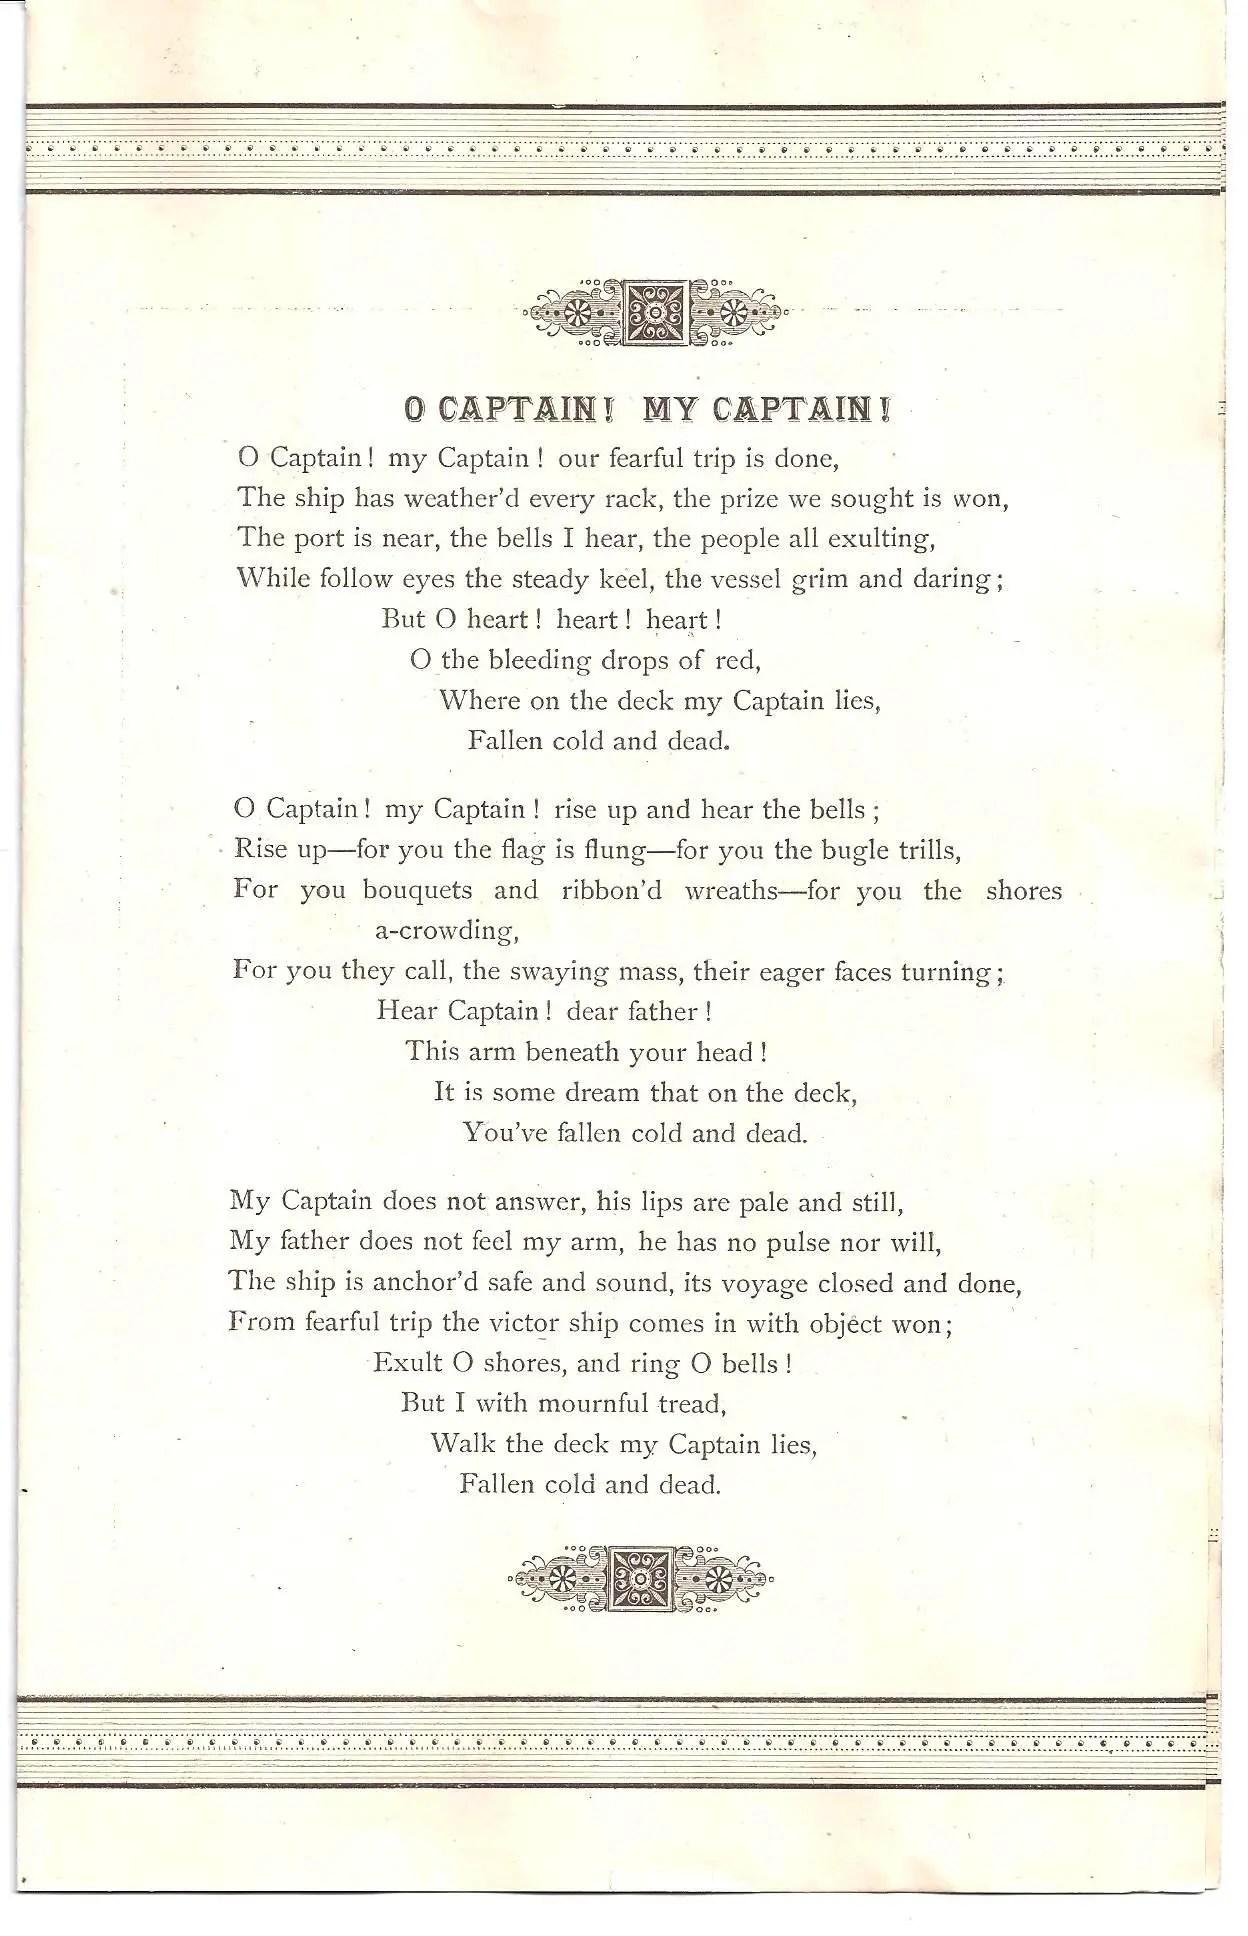 Captain Poems